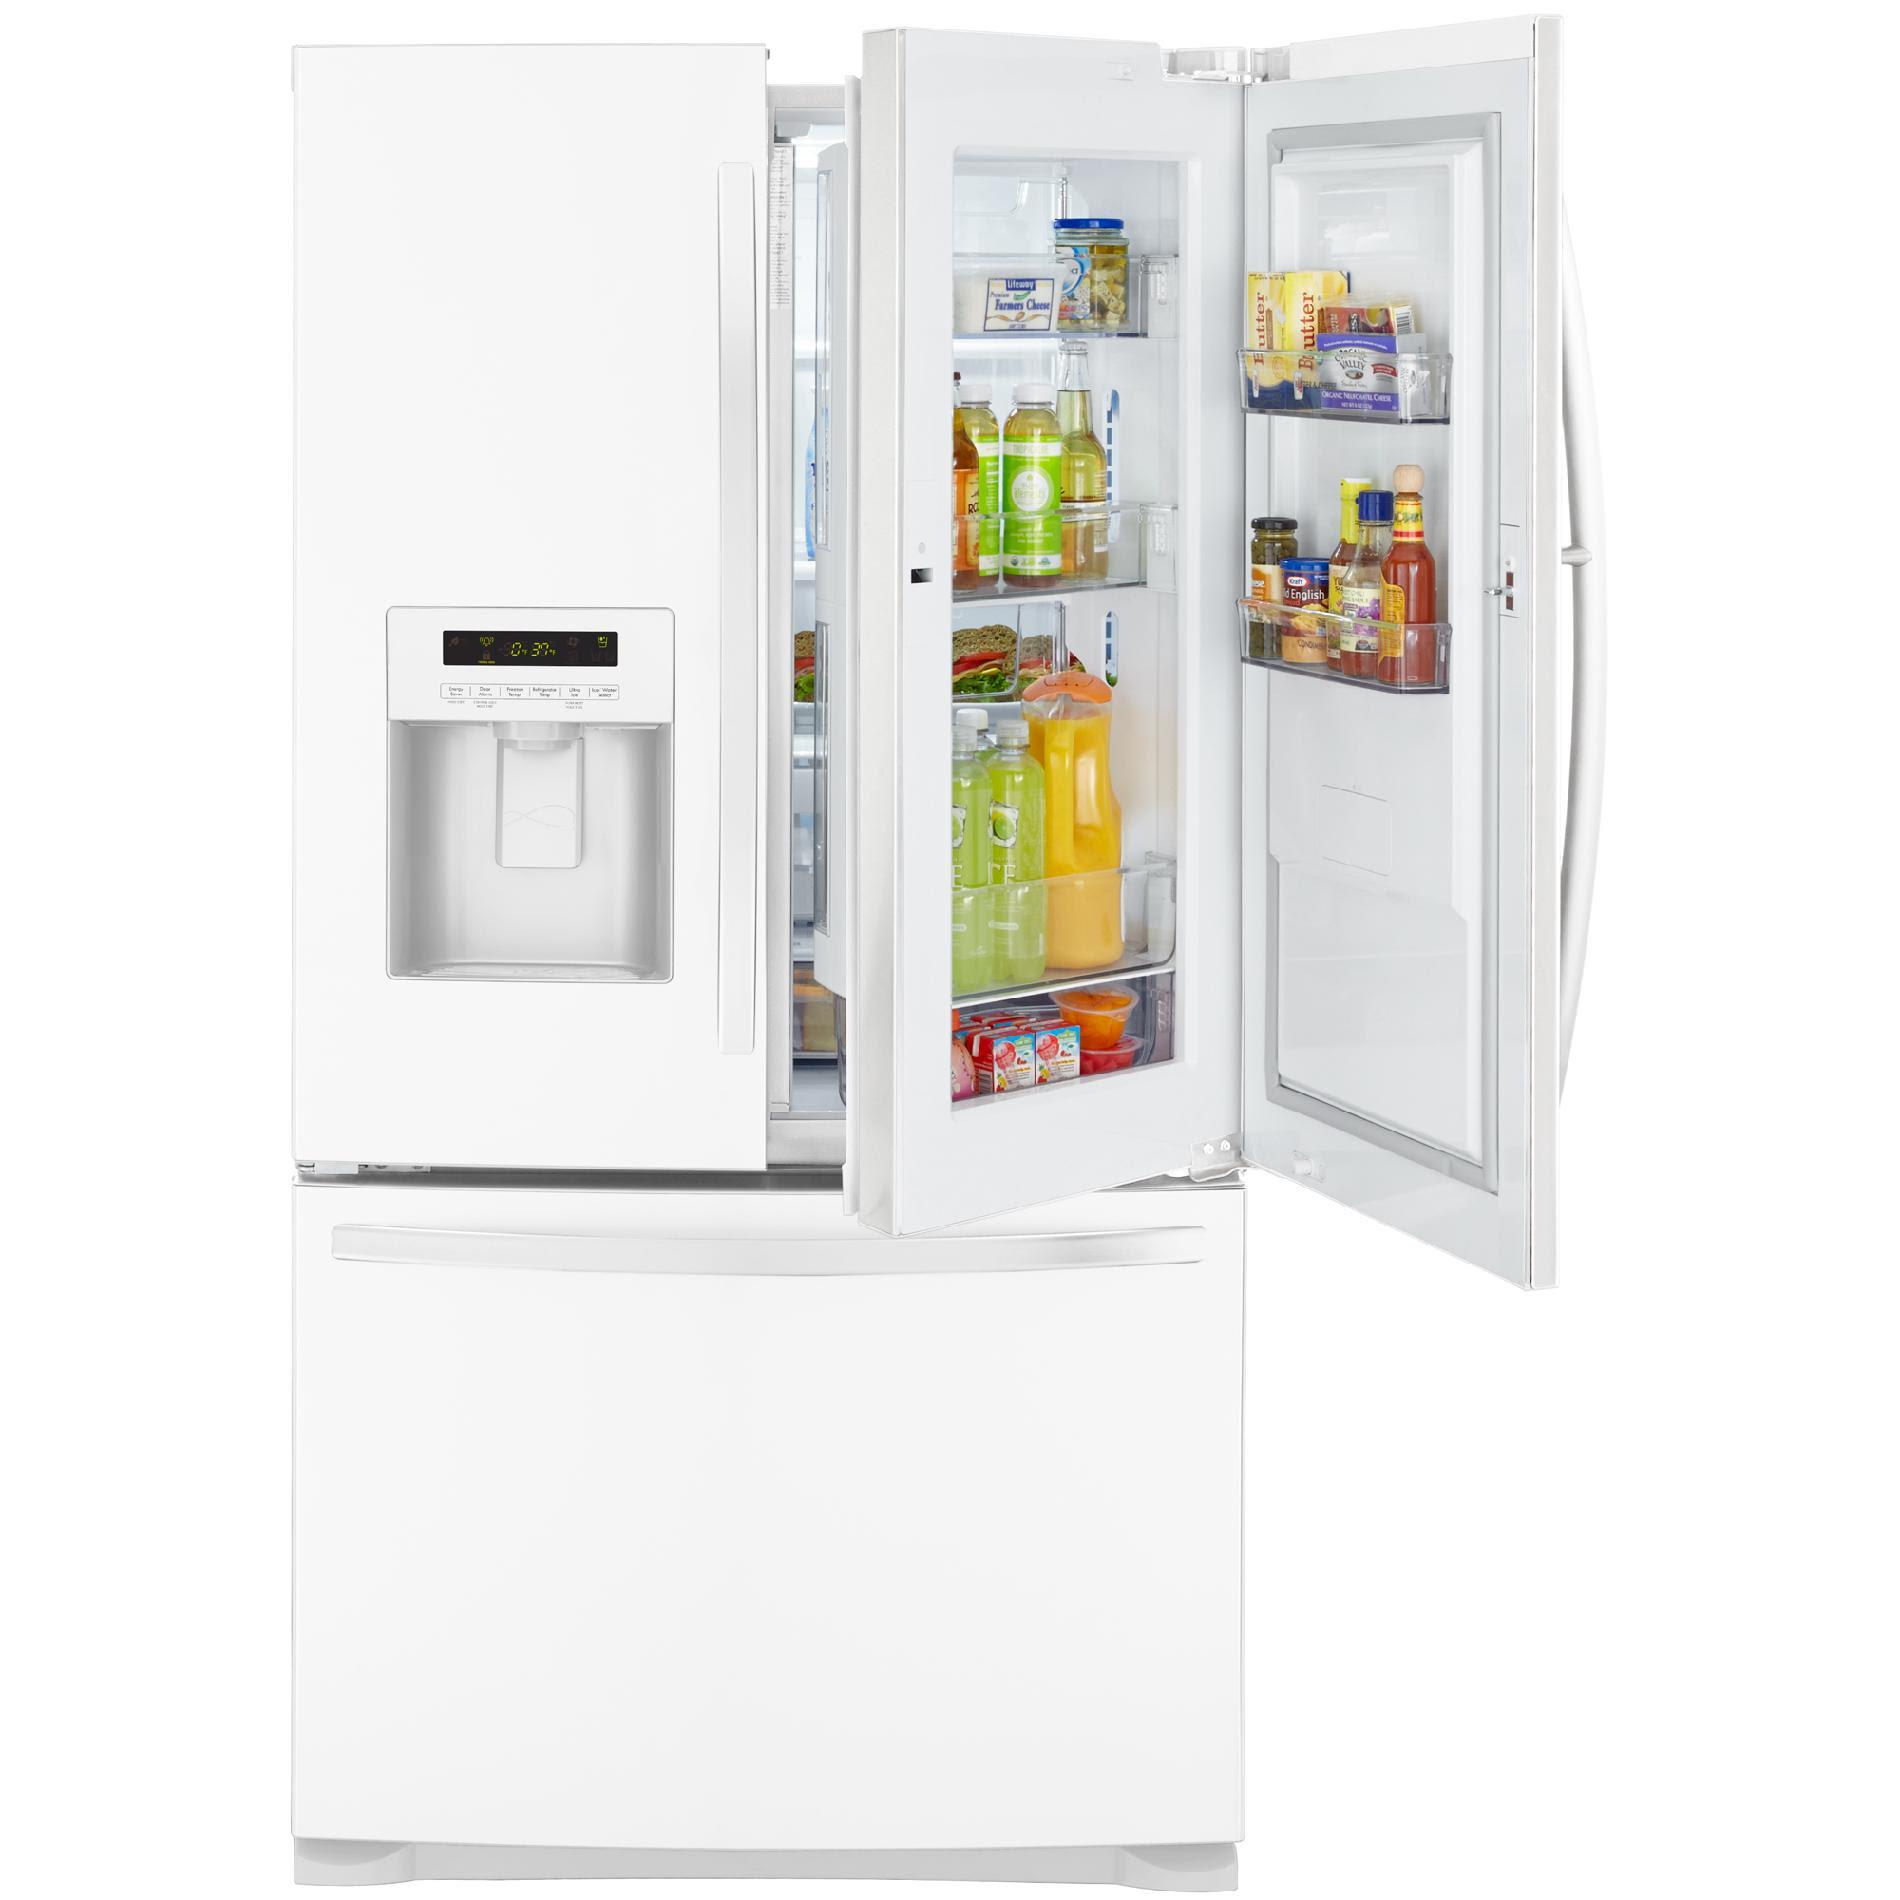 Kenmore 23 9 cu ft French Door Bottom Freezer Refrigerator w